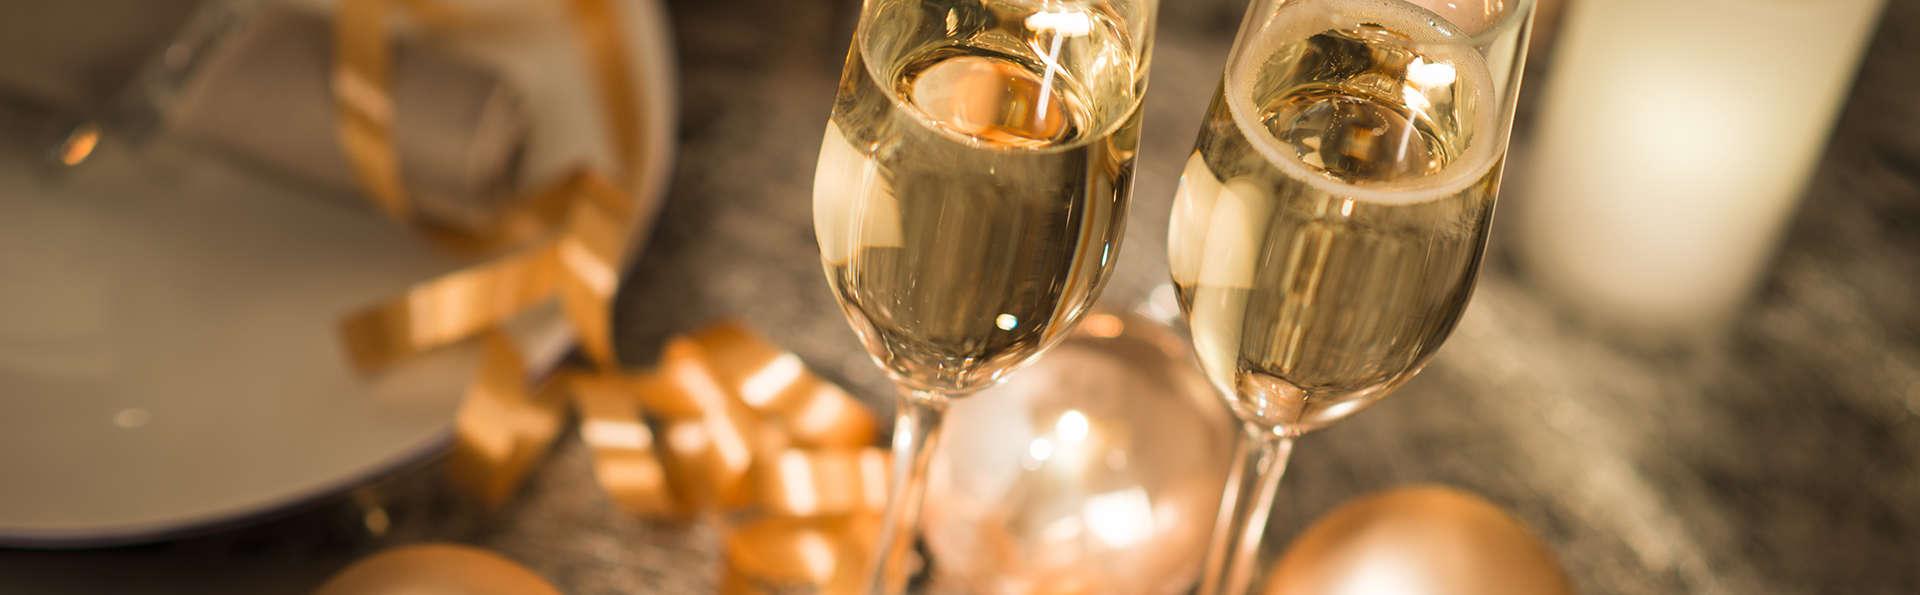 Vivez un réveillon de Noël gourmand avec une séance privée de jaccuzi à Saint-Nectaire